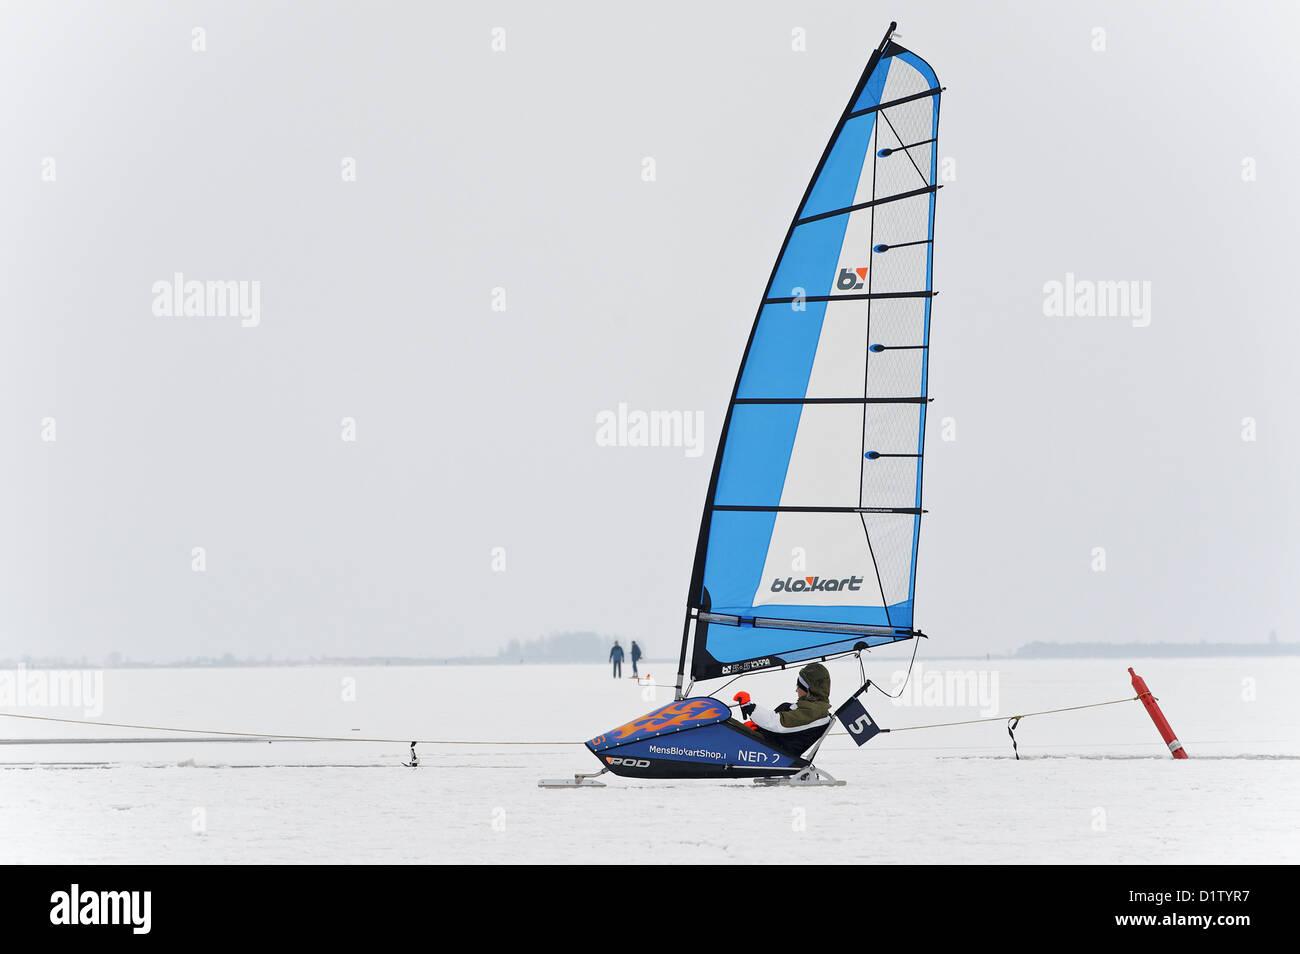 Wind Surf su ghiaccio su un lago ghiacciato in Paesi Bassi Immagini Stock